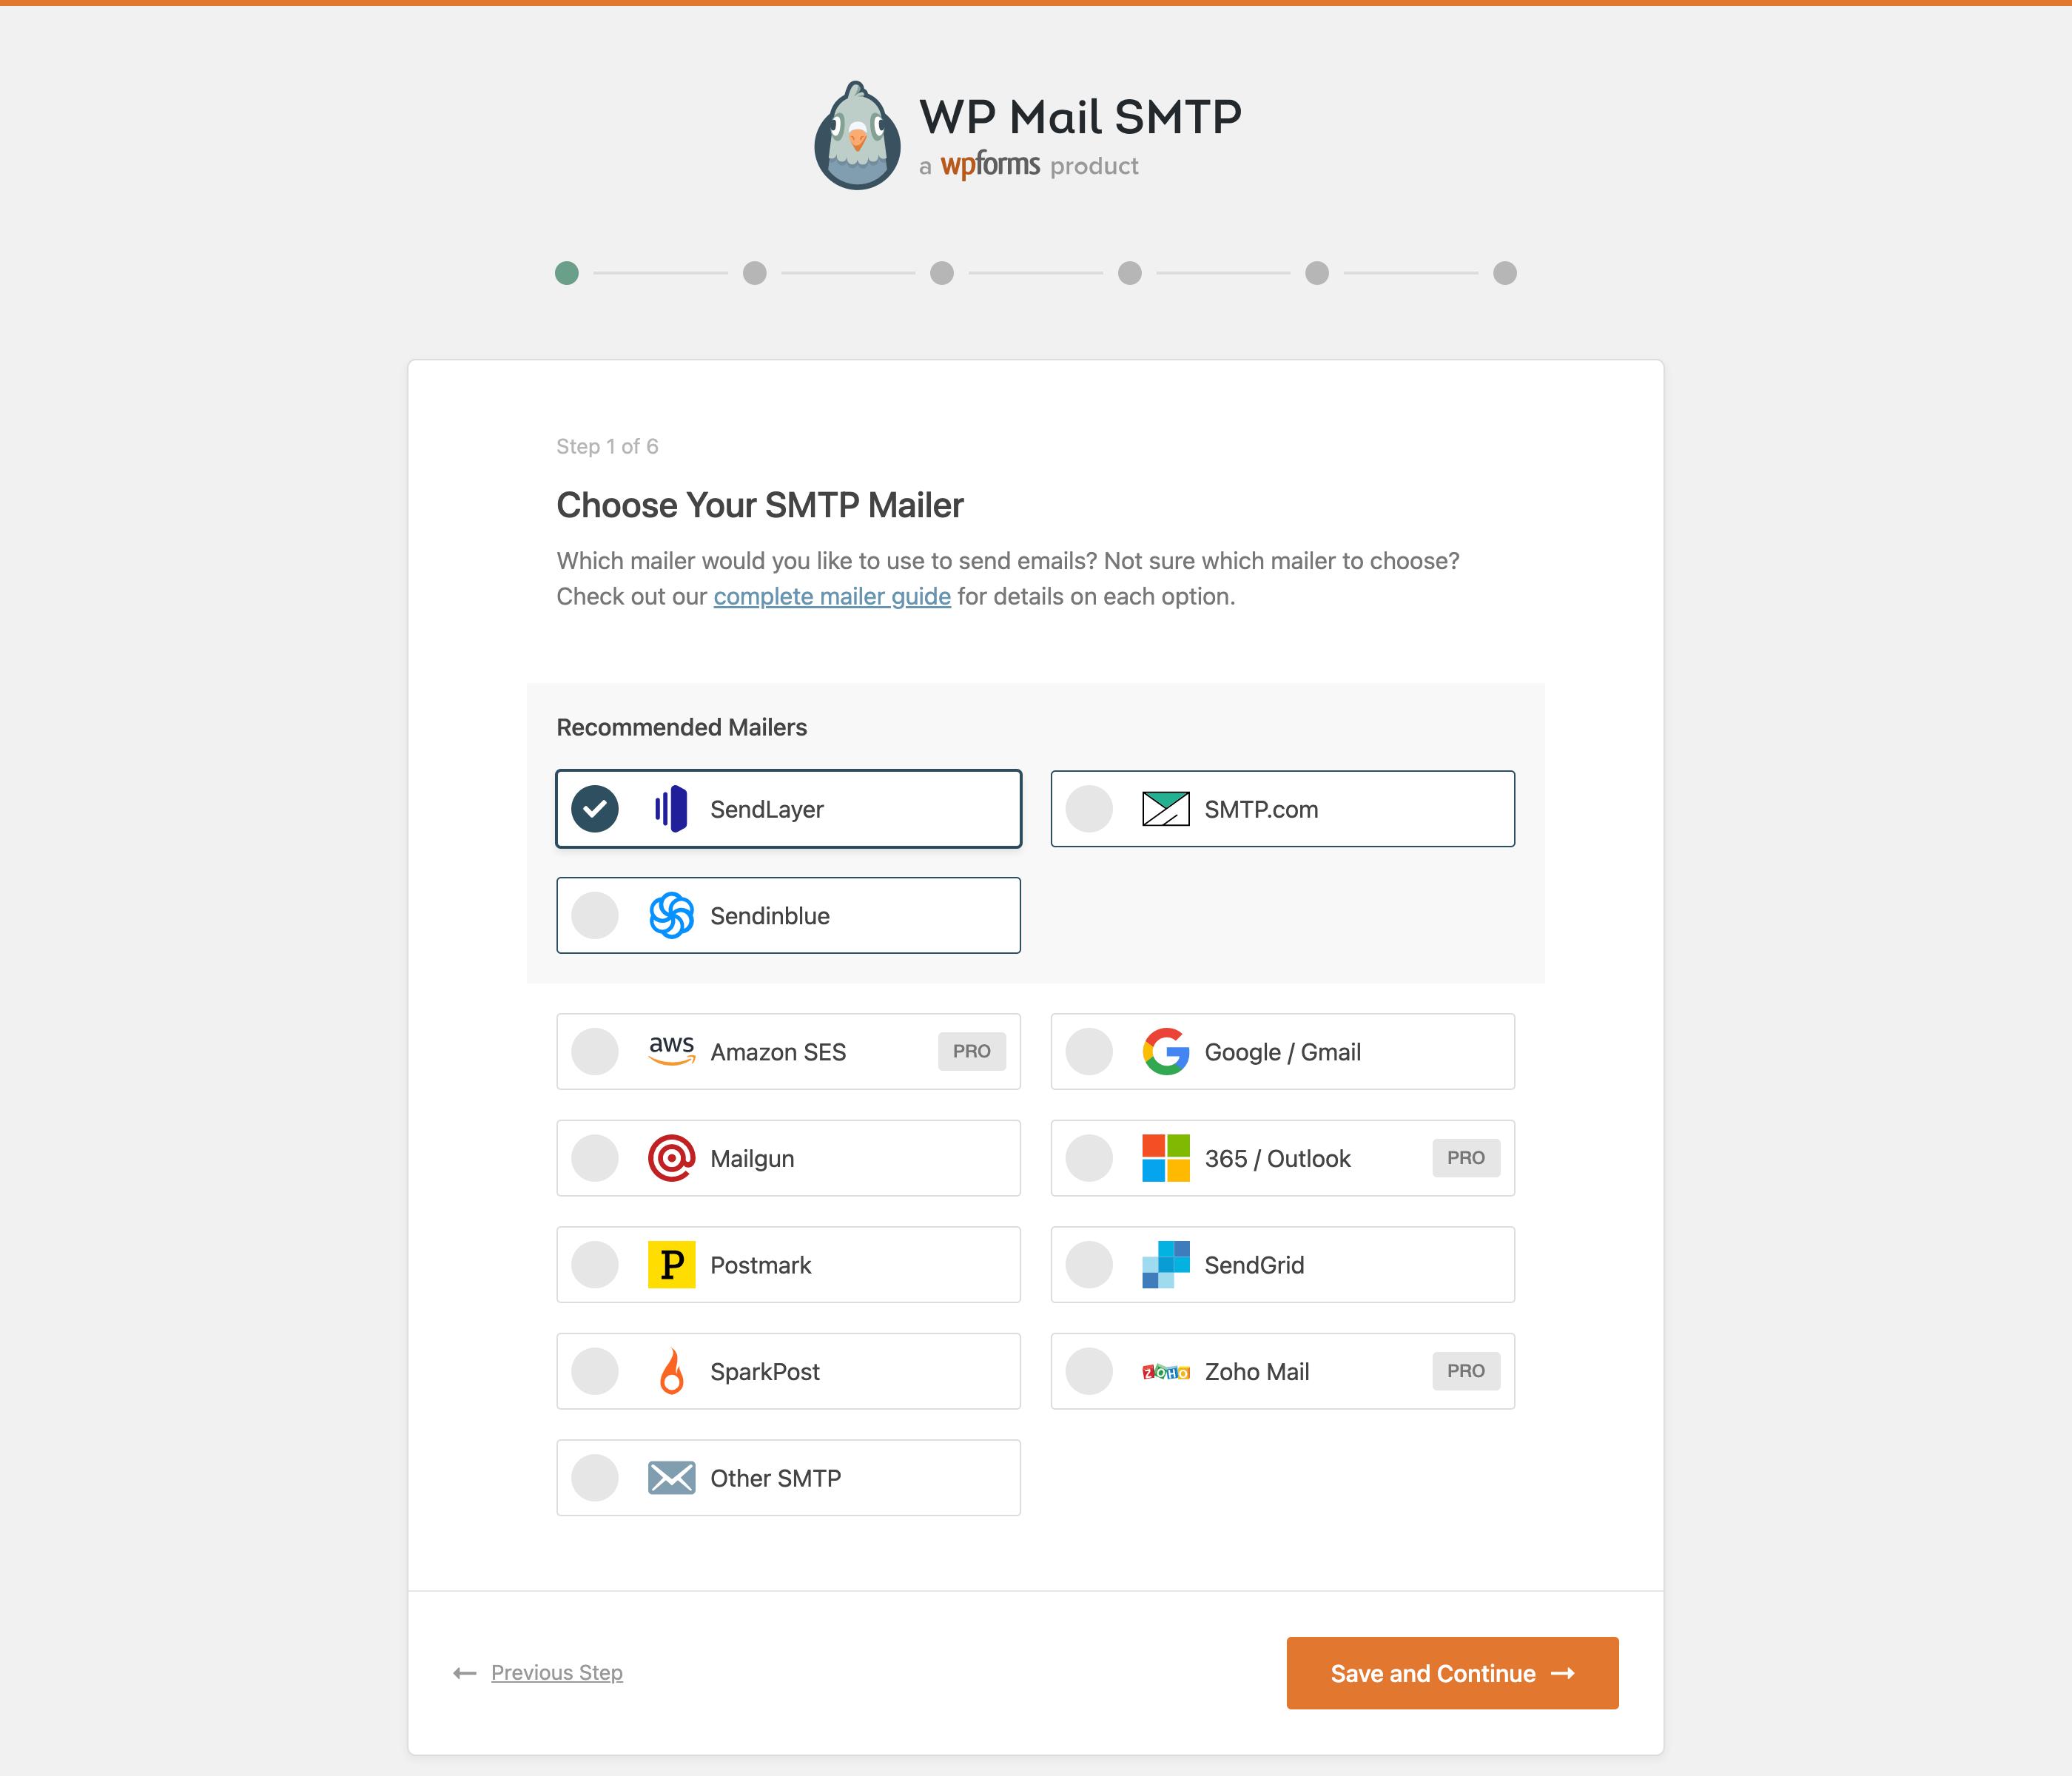 Setup Wizard - Select your mailer